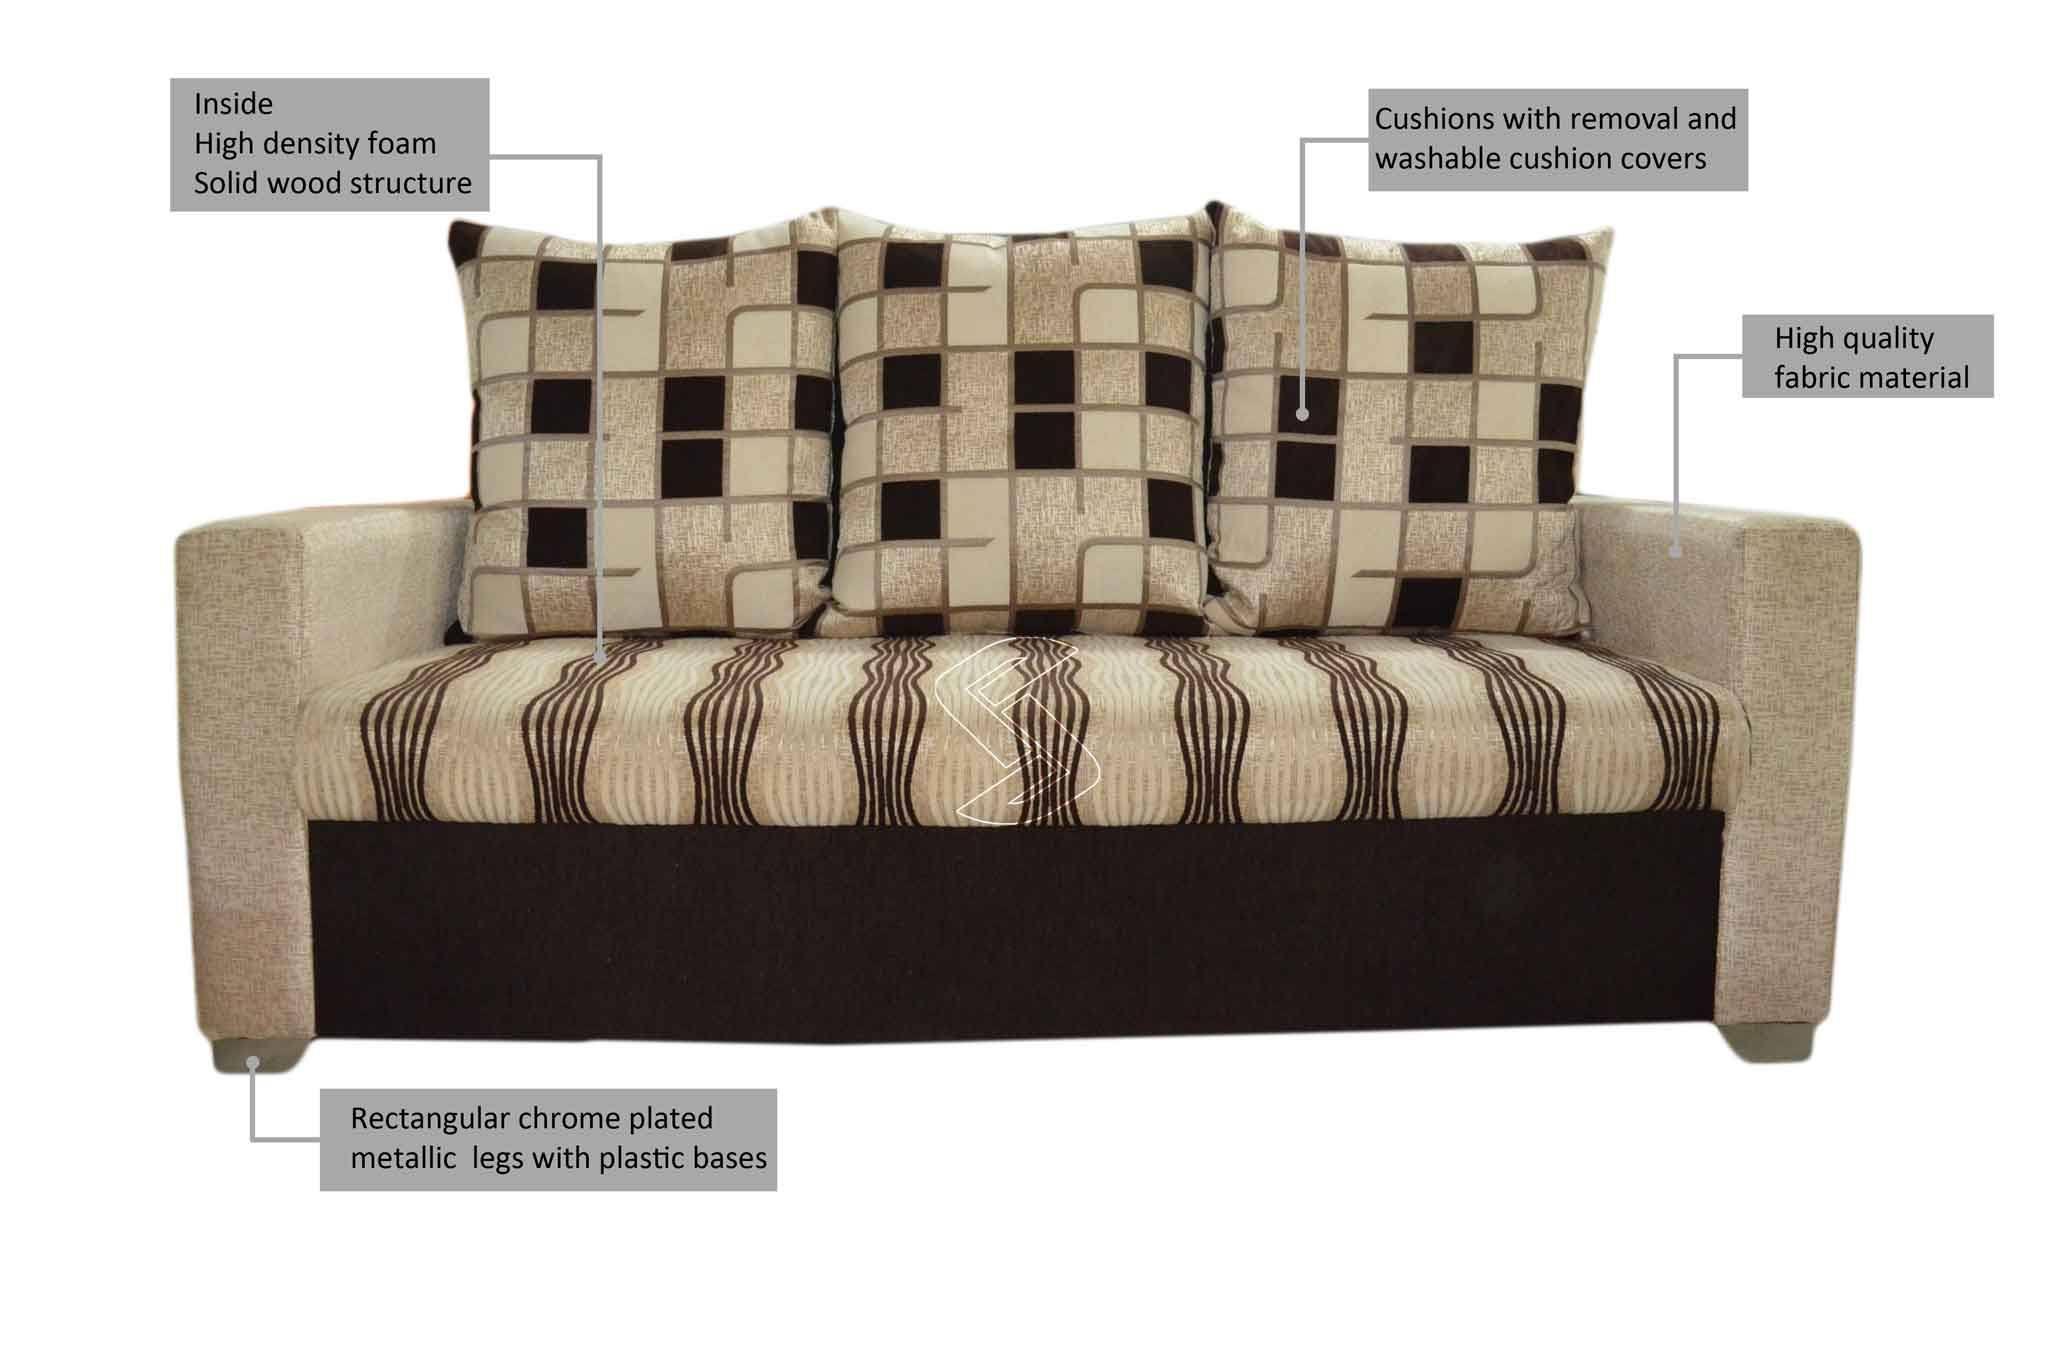 sofa shampoo wash hyderabad bed furniture source selik set beige sets online in